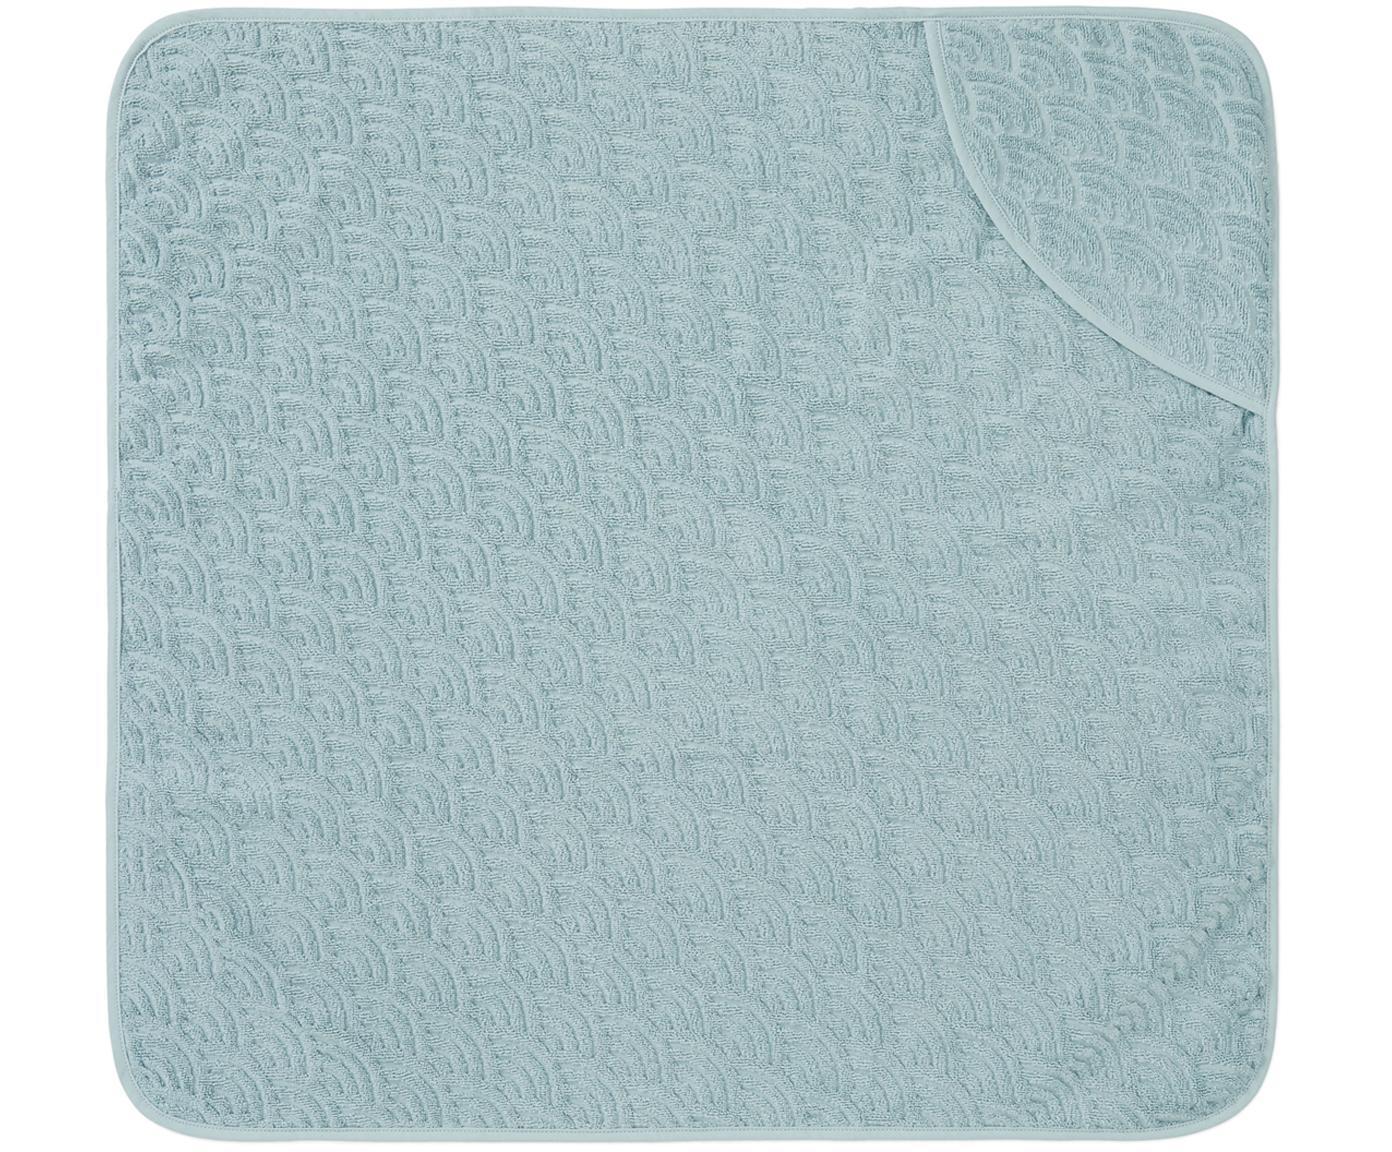 Baby-Badetuch Wave aus Bio-Baumwolle, Bio-Baumwolle, GOTS-zertifiziert, Blau, 80 x 80 cm